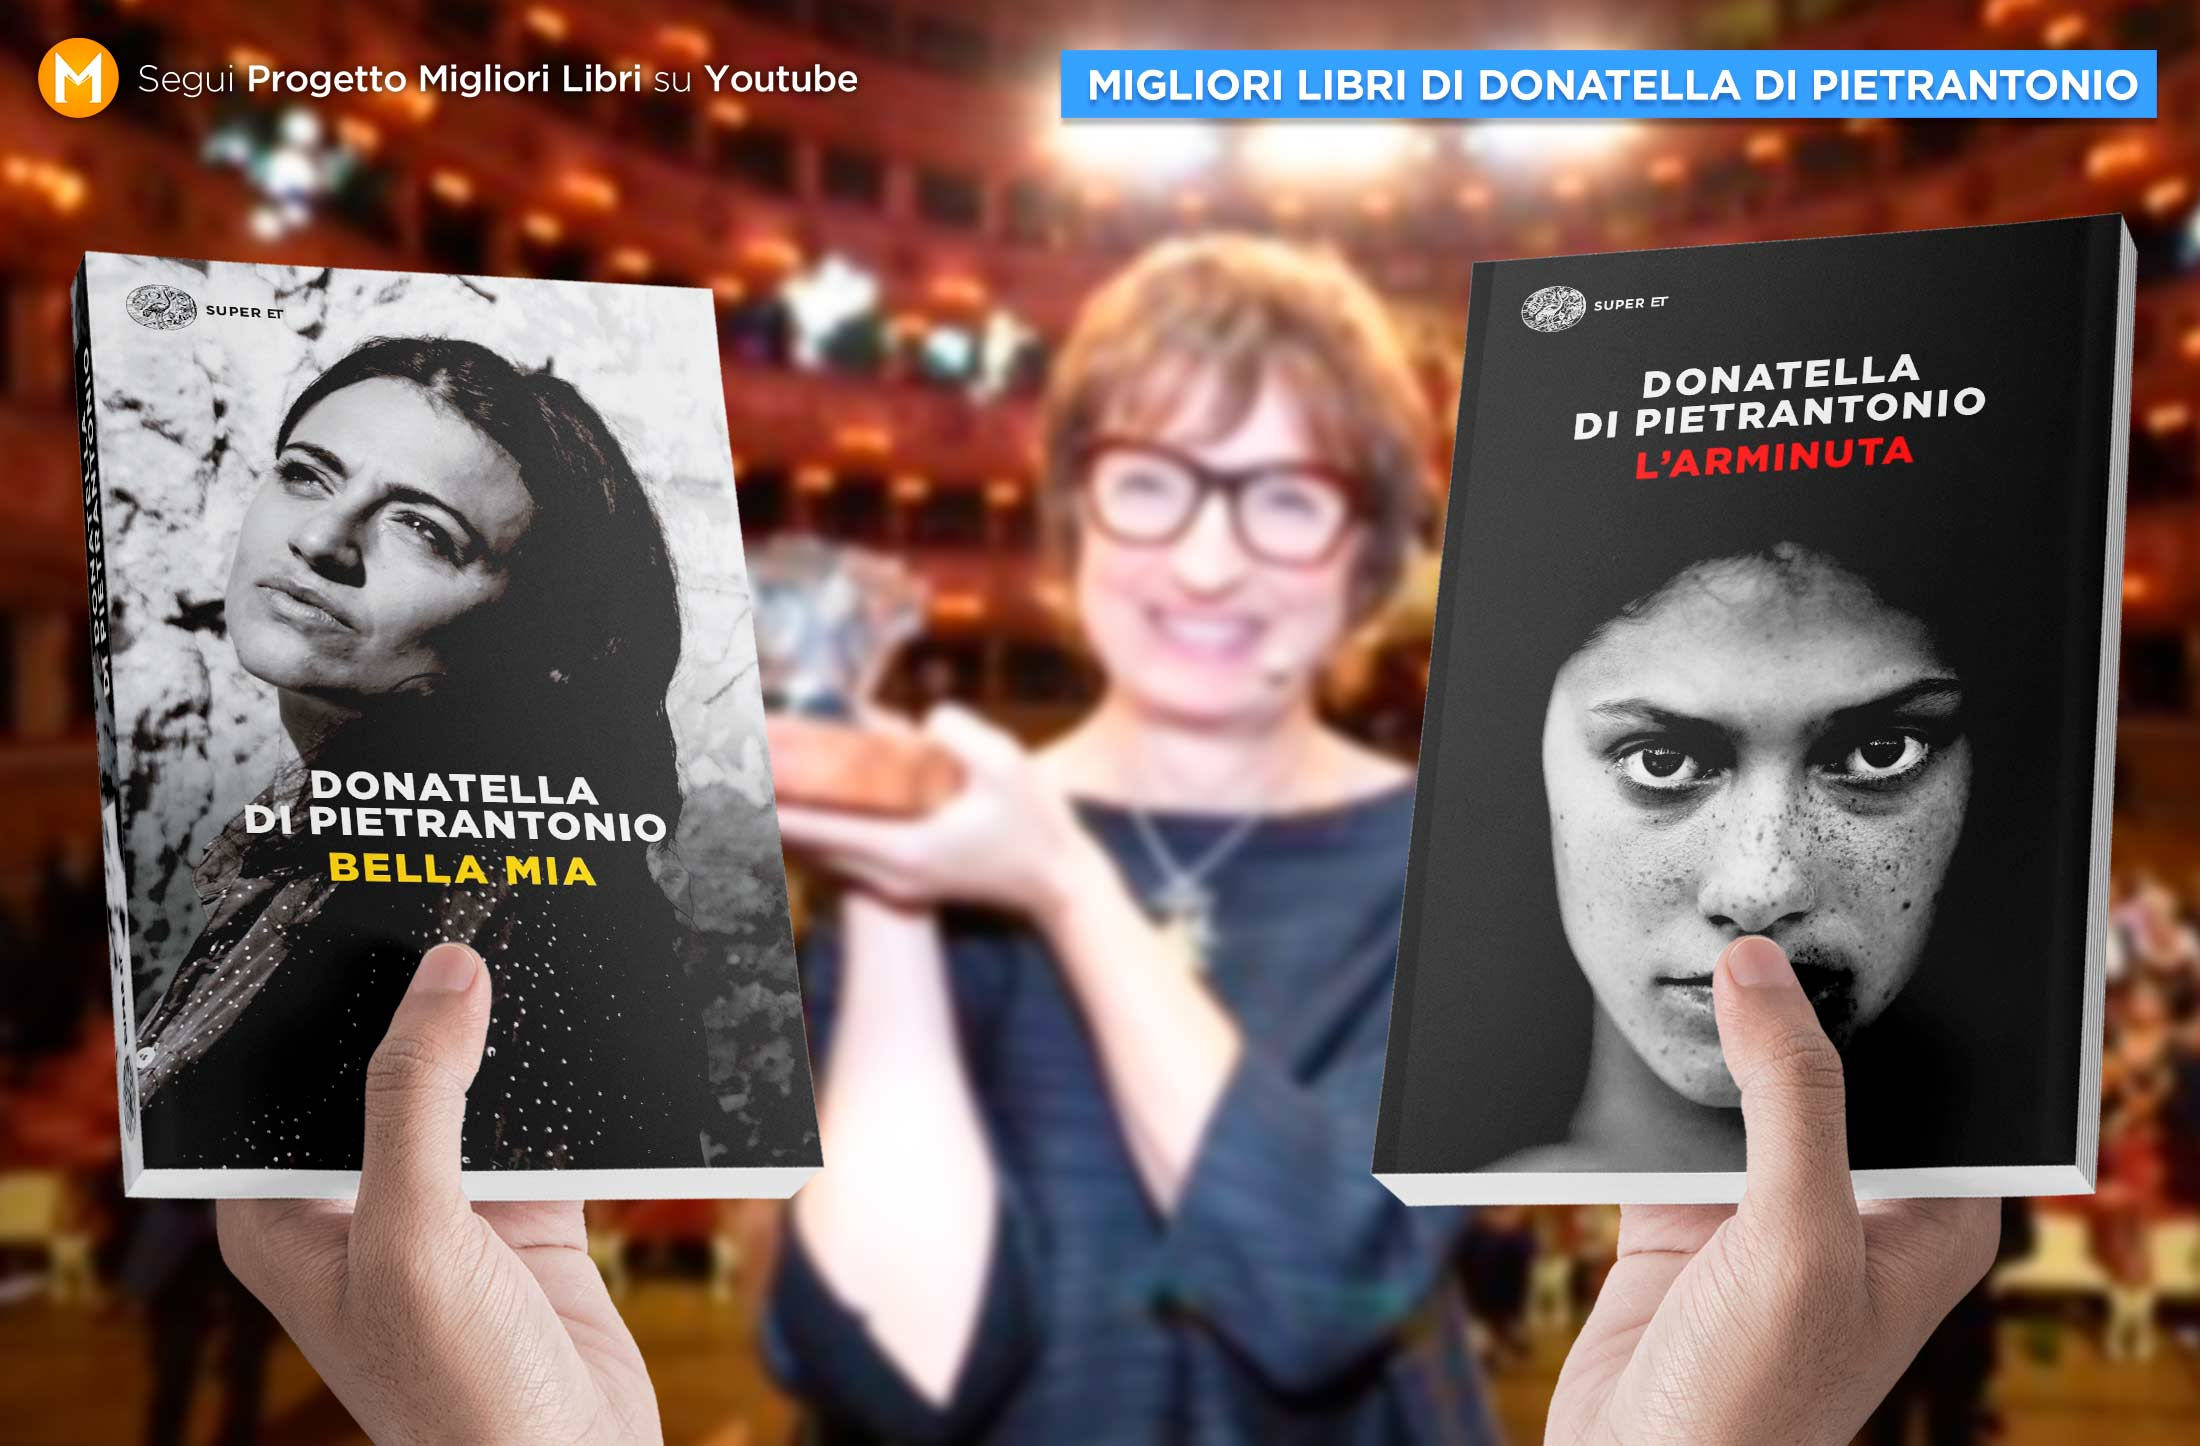 migliori-libri-donatella-di-pietrantonio